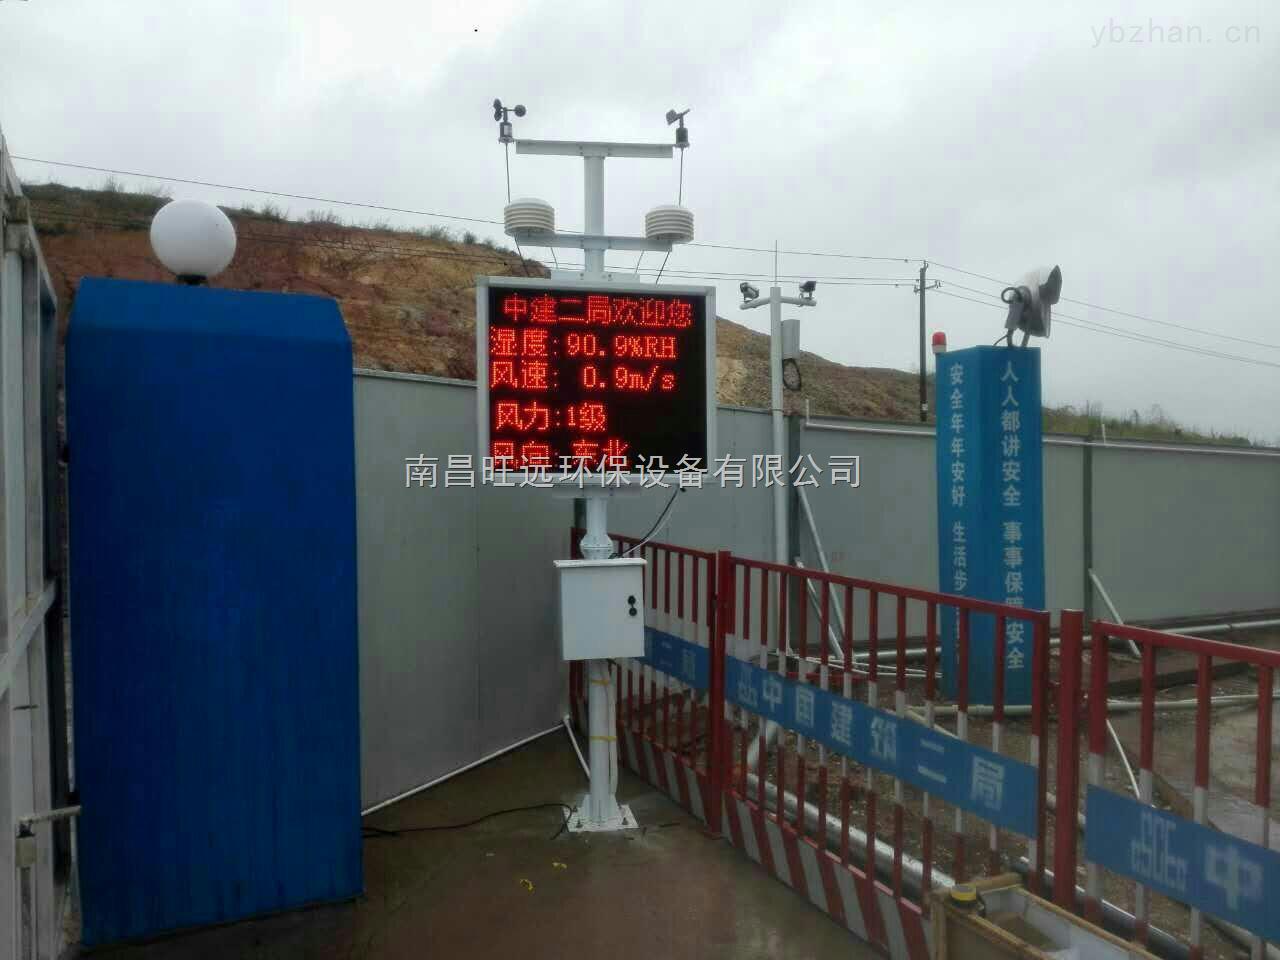 环境监测系统 24小时在线监控扬尘雾霾自设备